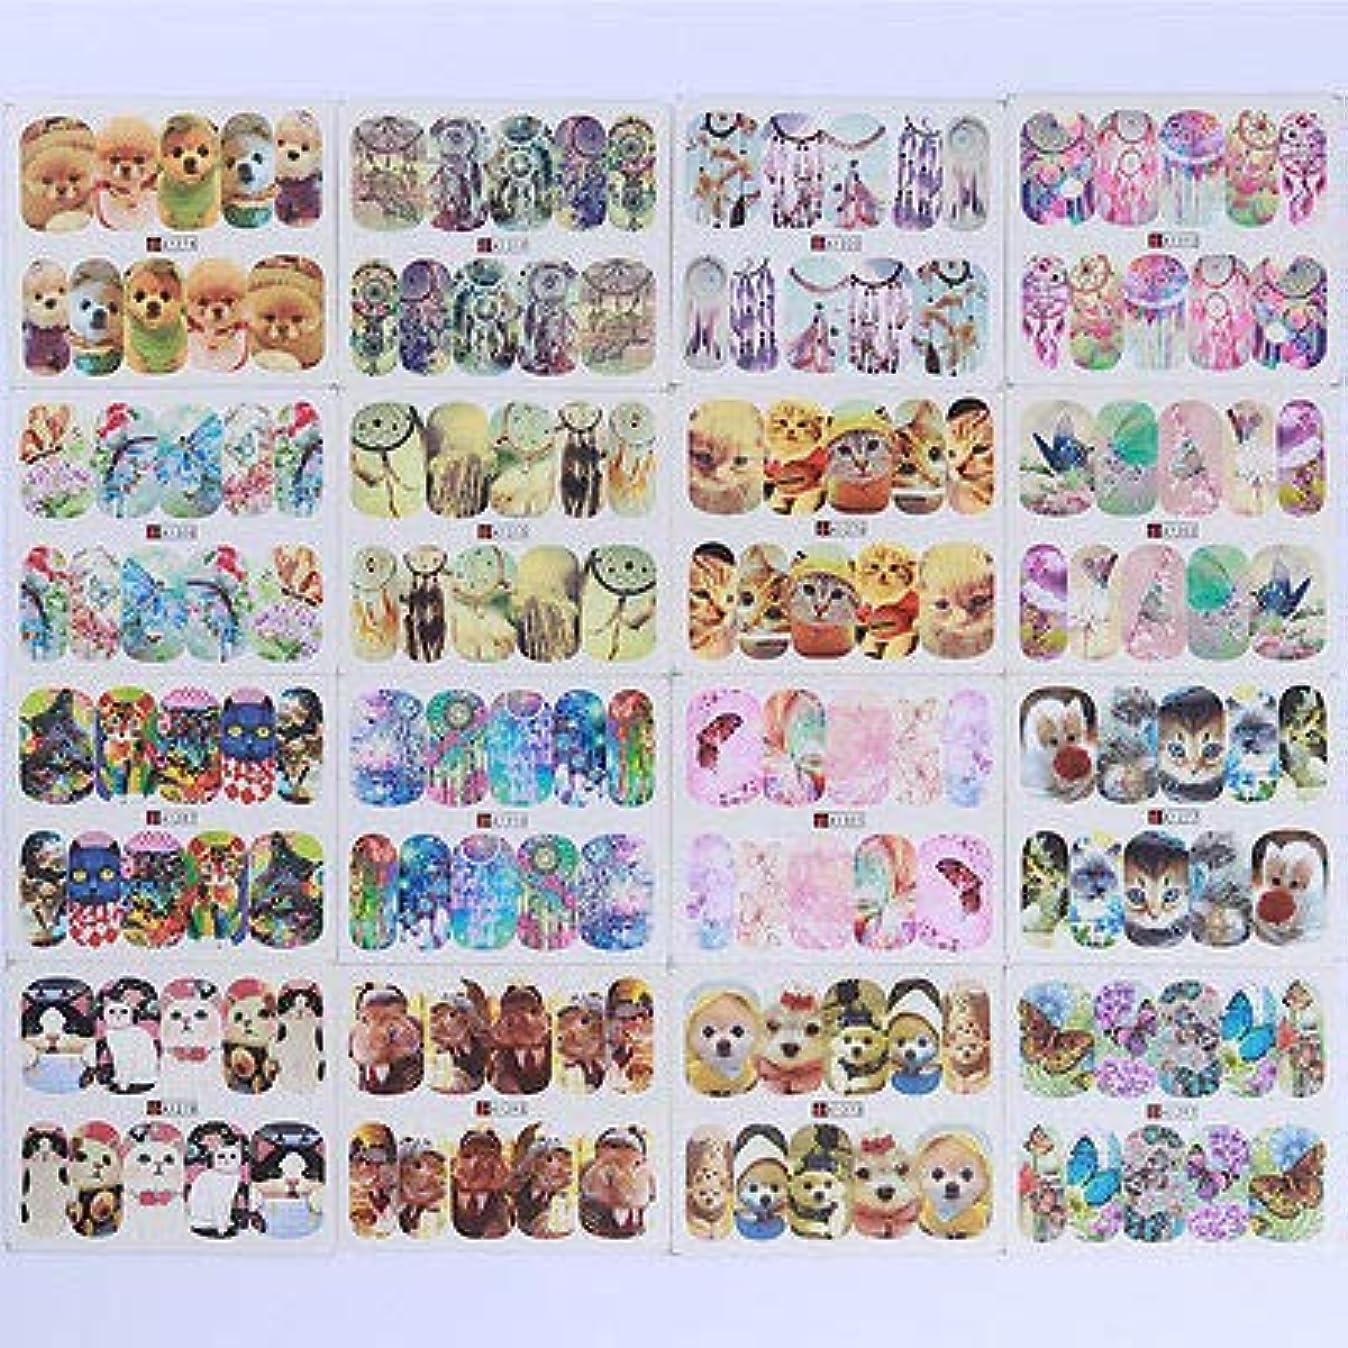 絶縁するスチュアート島非公式FidgetGear 50枚動物水デカール蝶猫犬のデザインネイルアート転写ステッカー